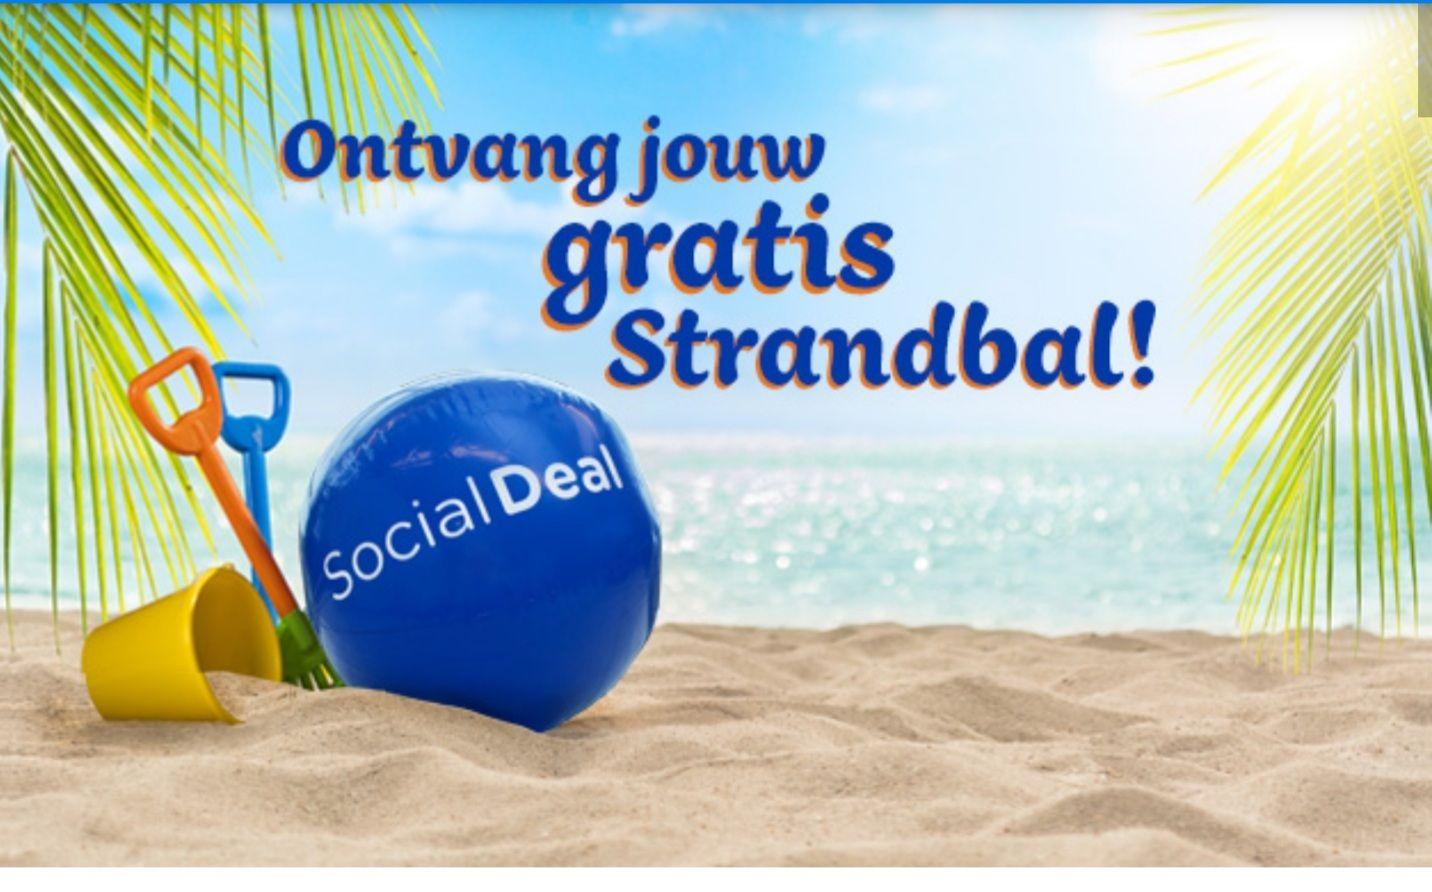 Social Deal gratis strandbal